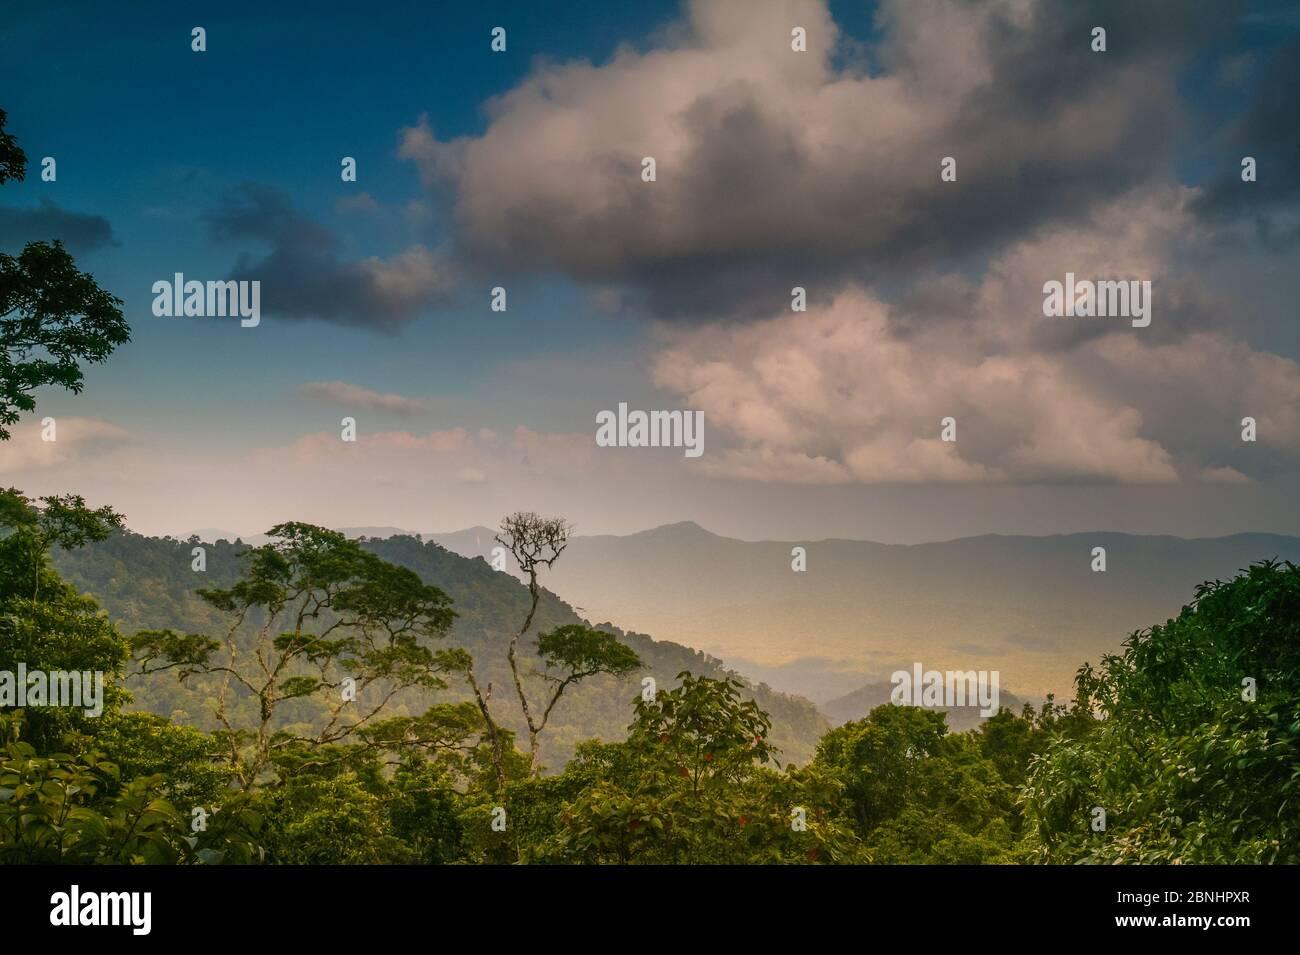 Lumière du soir dans la forêt tropicale luxuriante de Cerro Pirre, parc national de Darien, province de Darien, République du Panama Banque D'Images